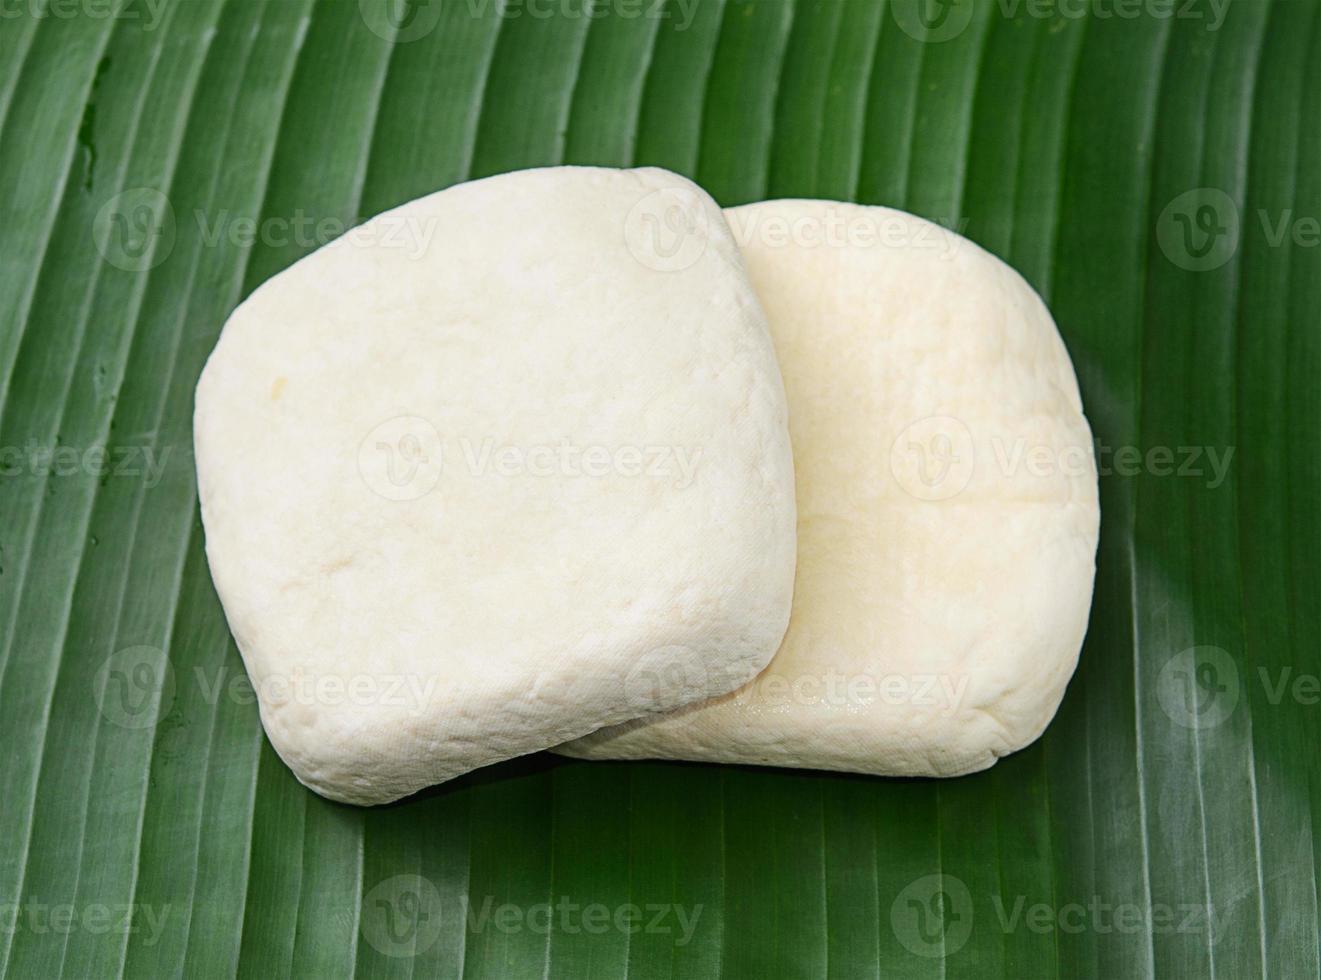 cubetti di tofu freschi foto